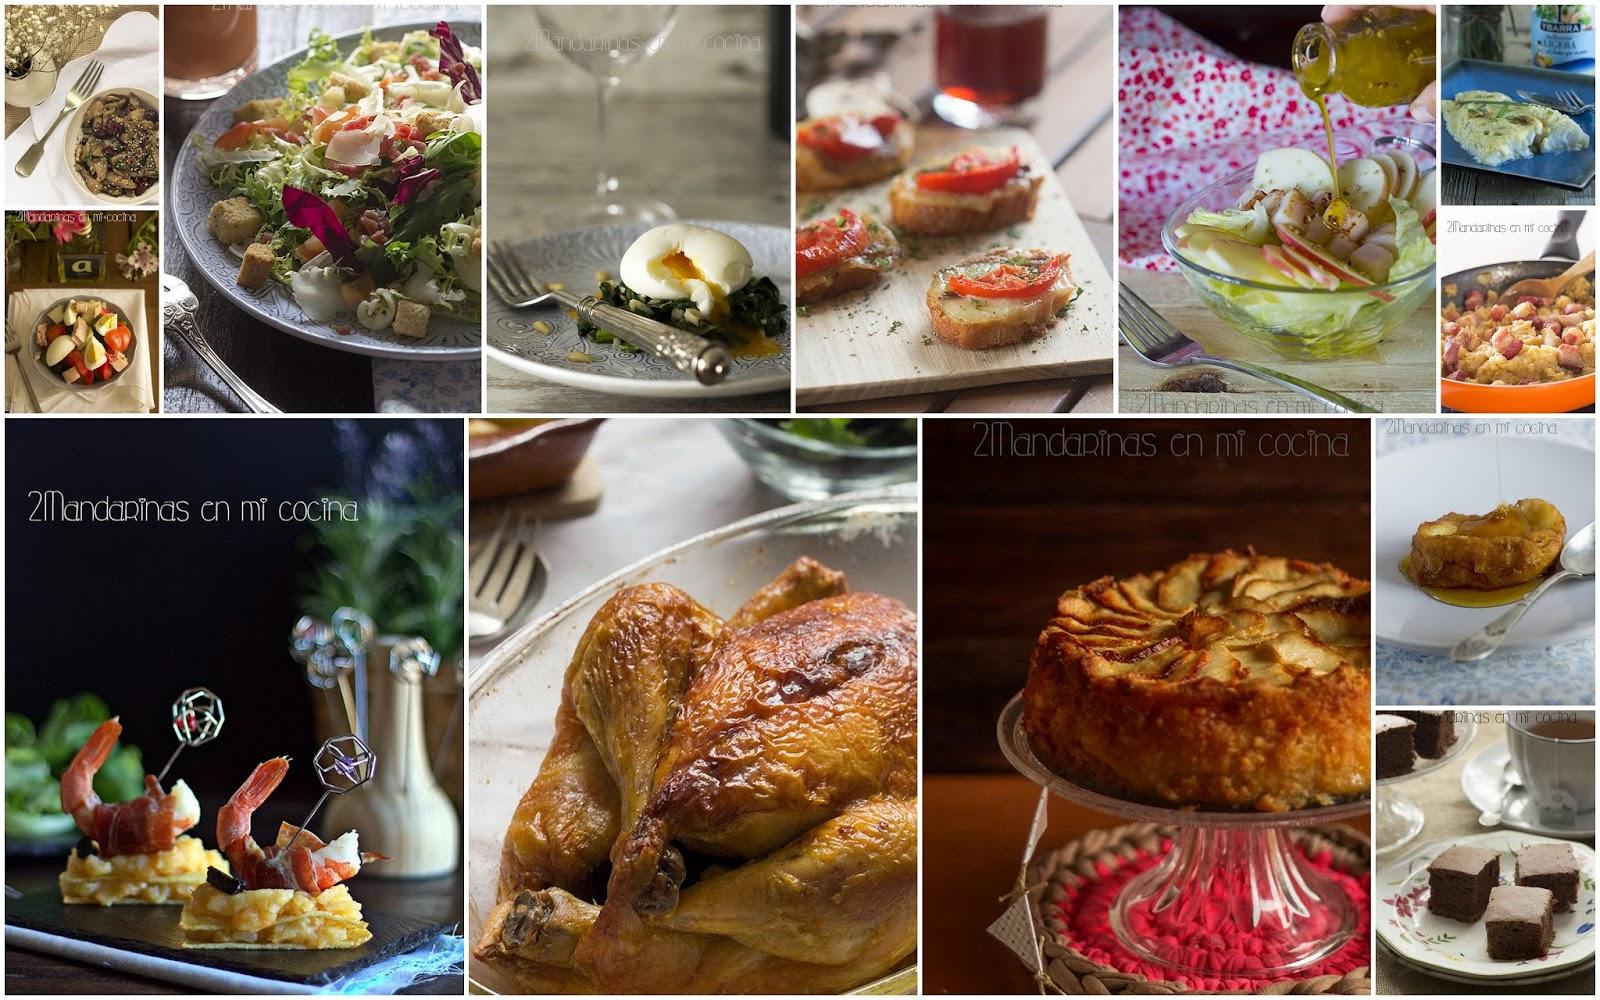 Las 12 recetas más vistas en 2014